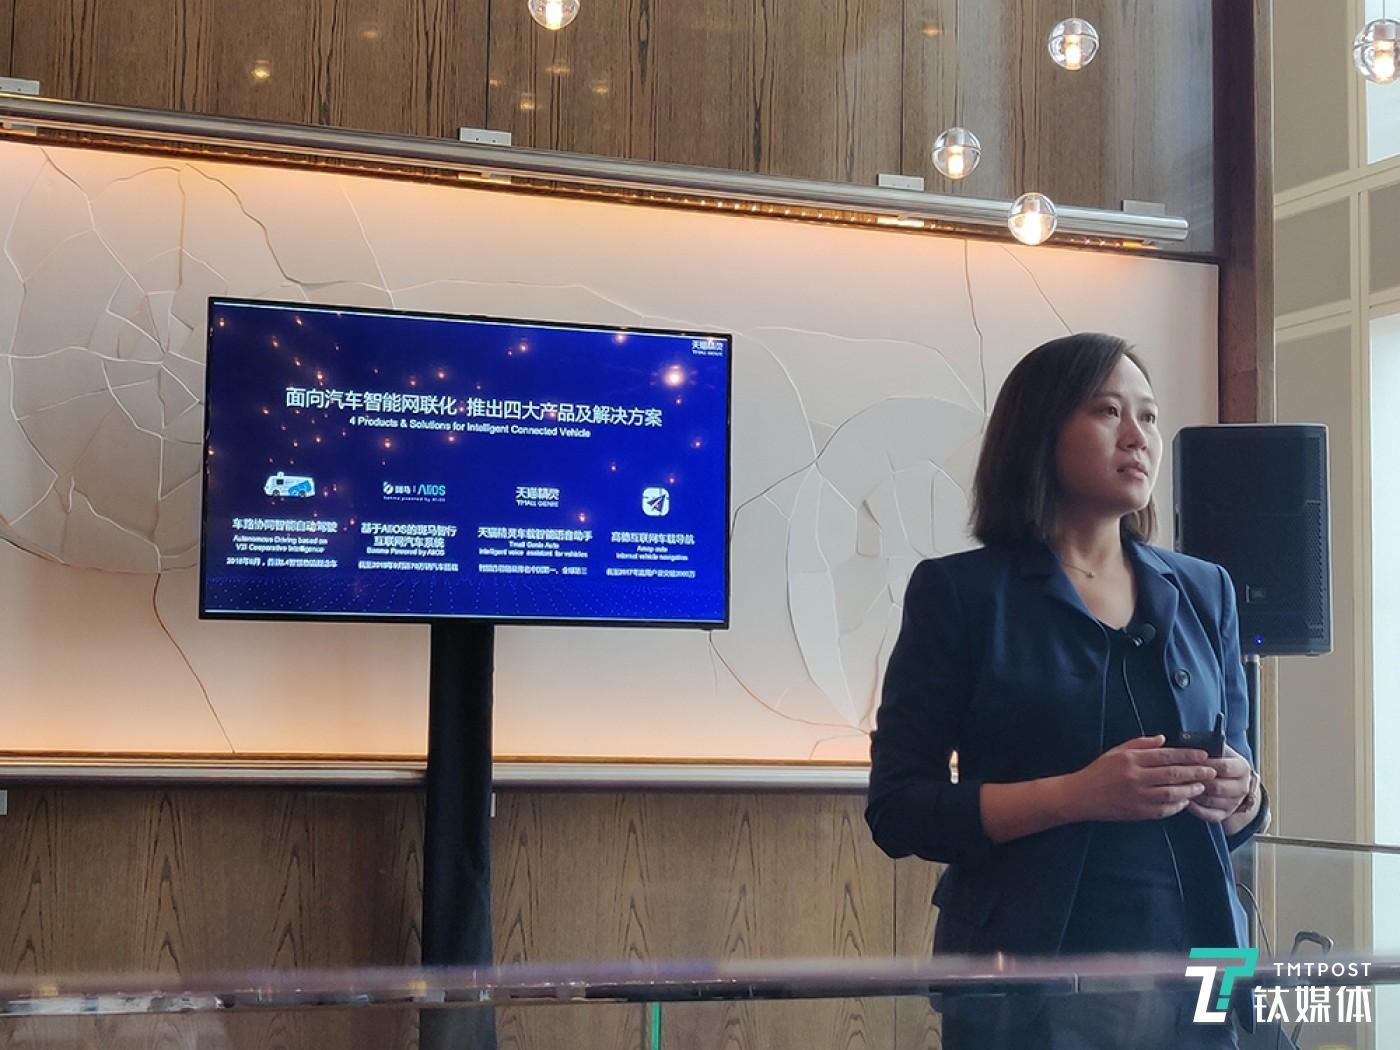 阿里巴巴集团副总裁兼人工智能实验室总经理陈丽娟